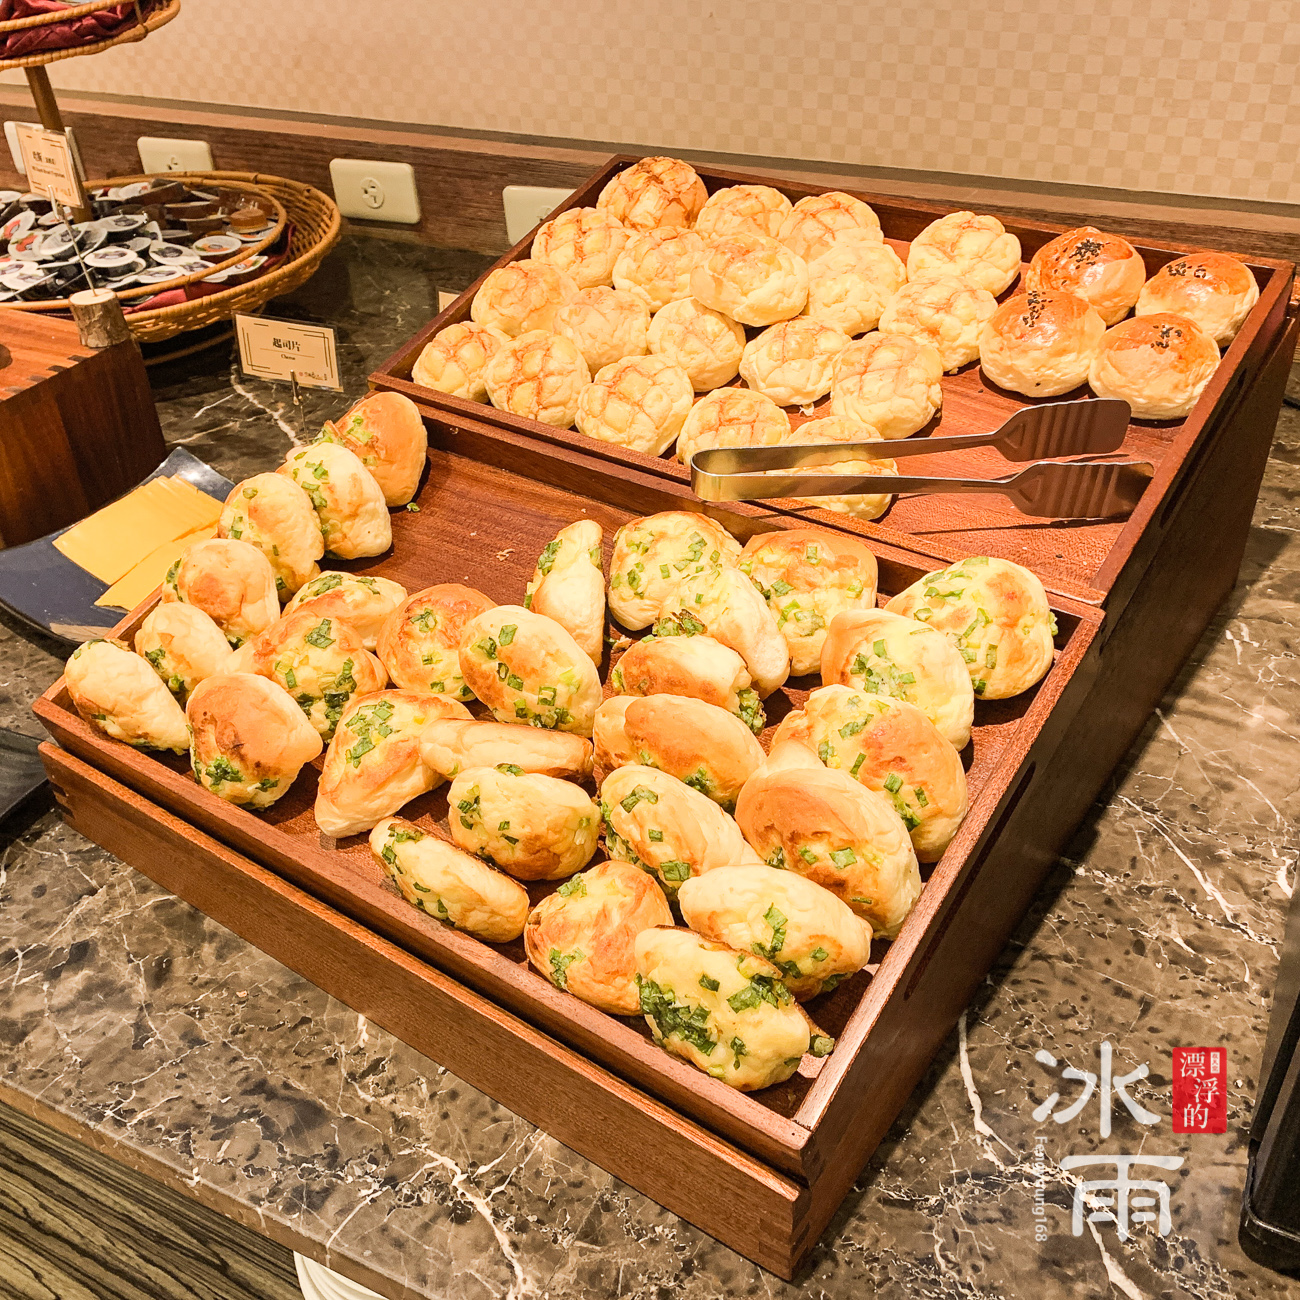 川湯春天溫泉飯店德陽館|早餐|麵包